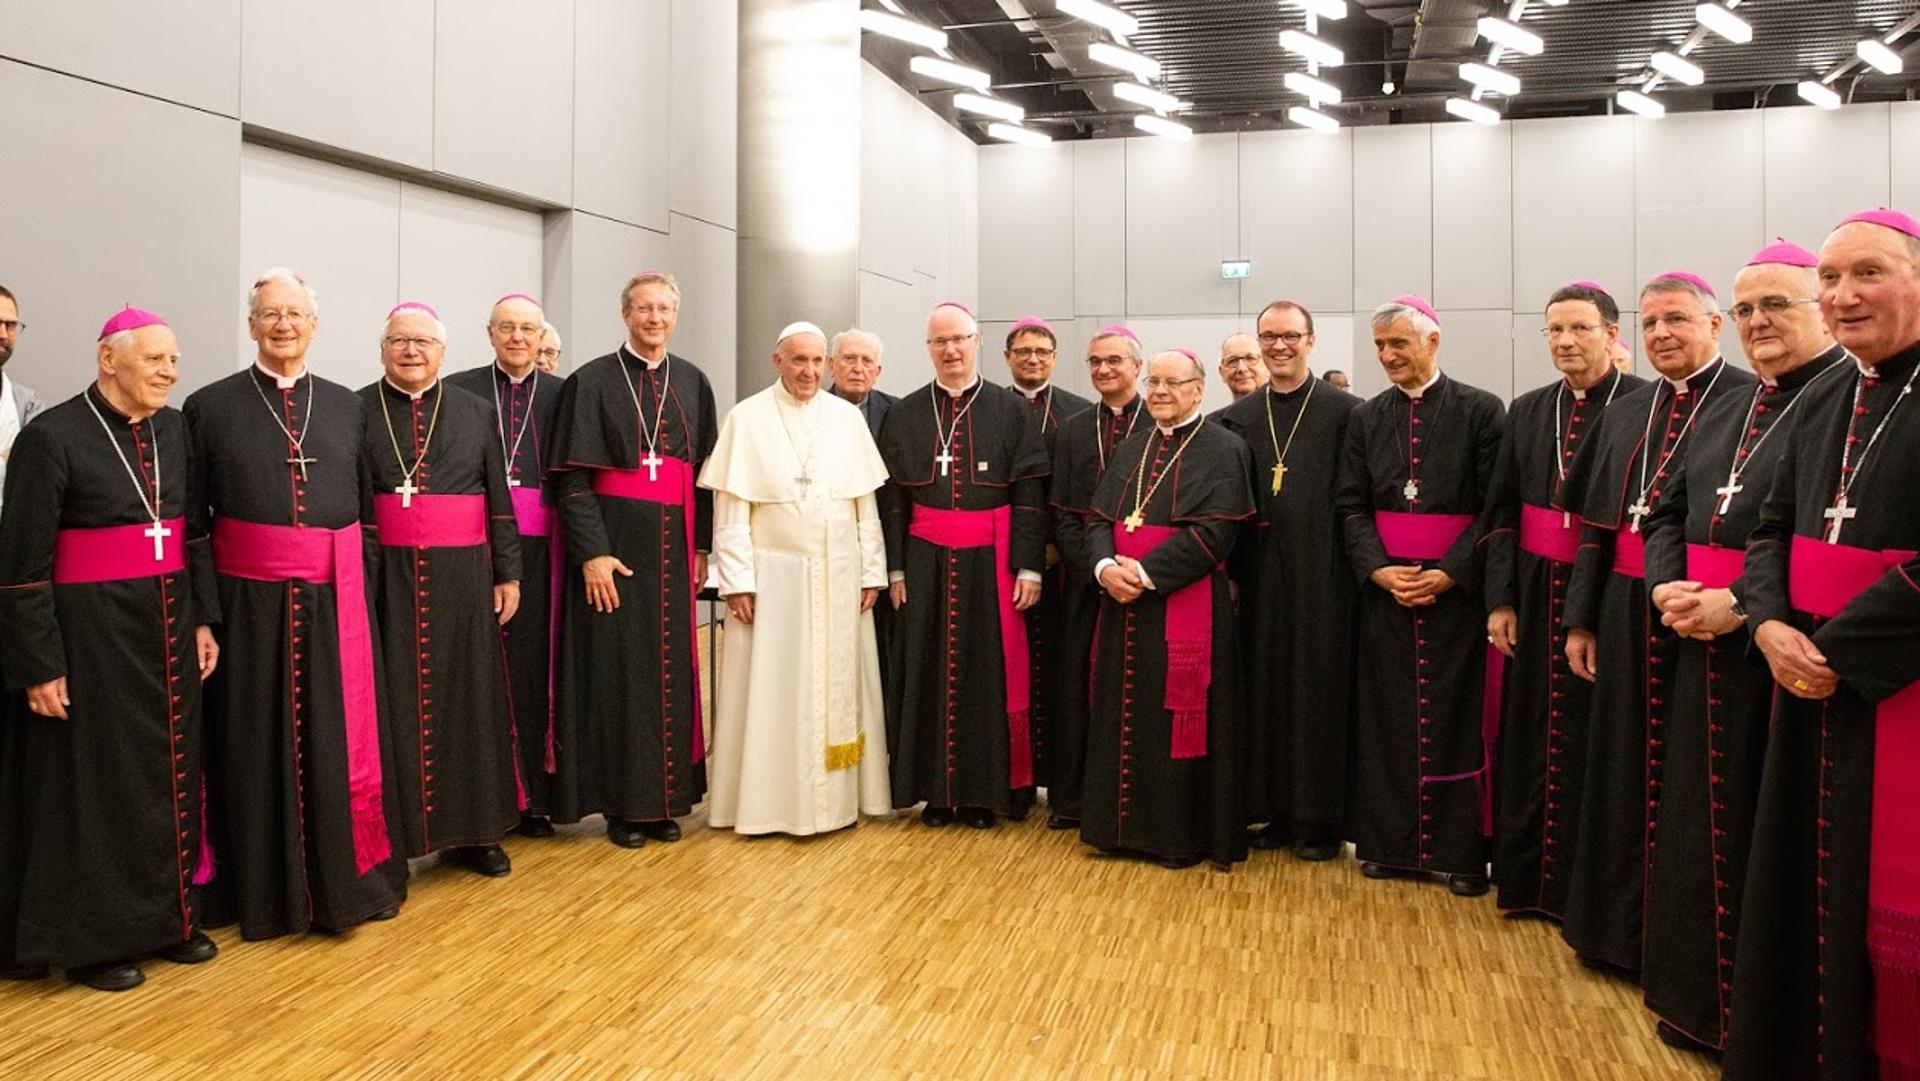 Papst Franziskus inmitten aktiver und emeritierter Schweizer Bischöfe 2018 in Genf